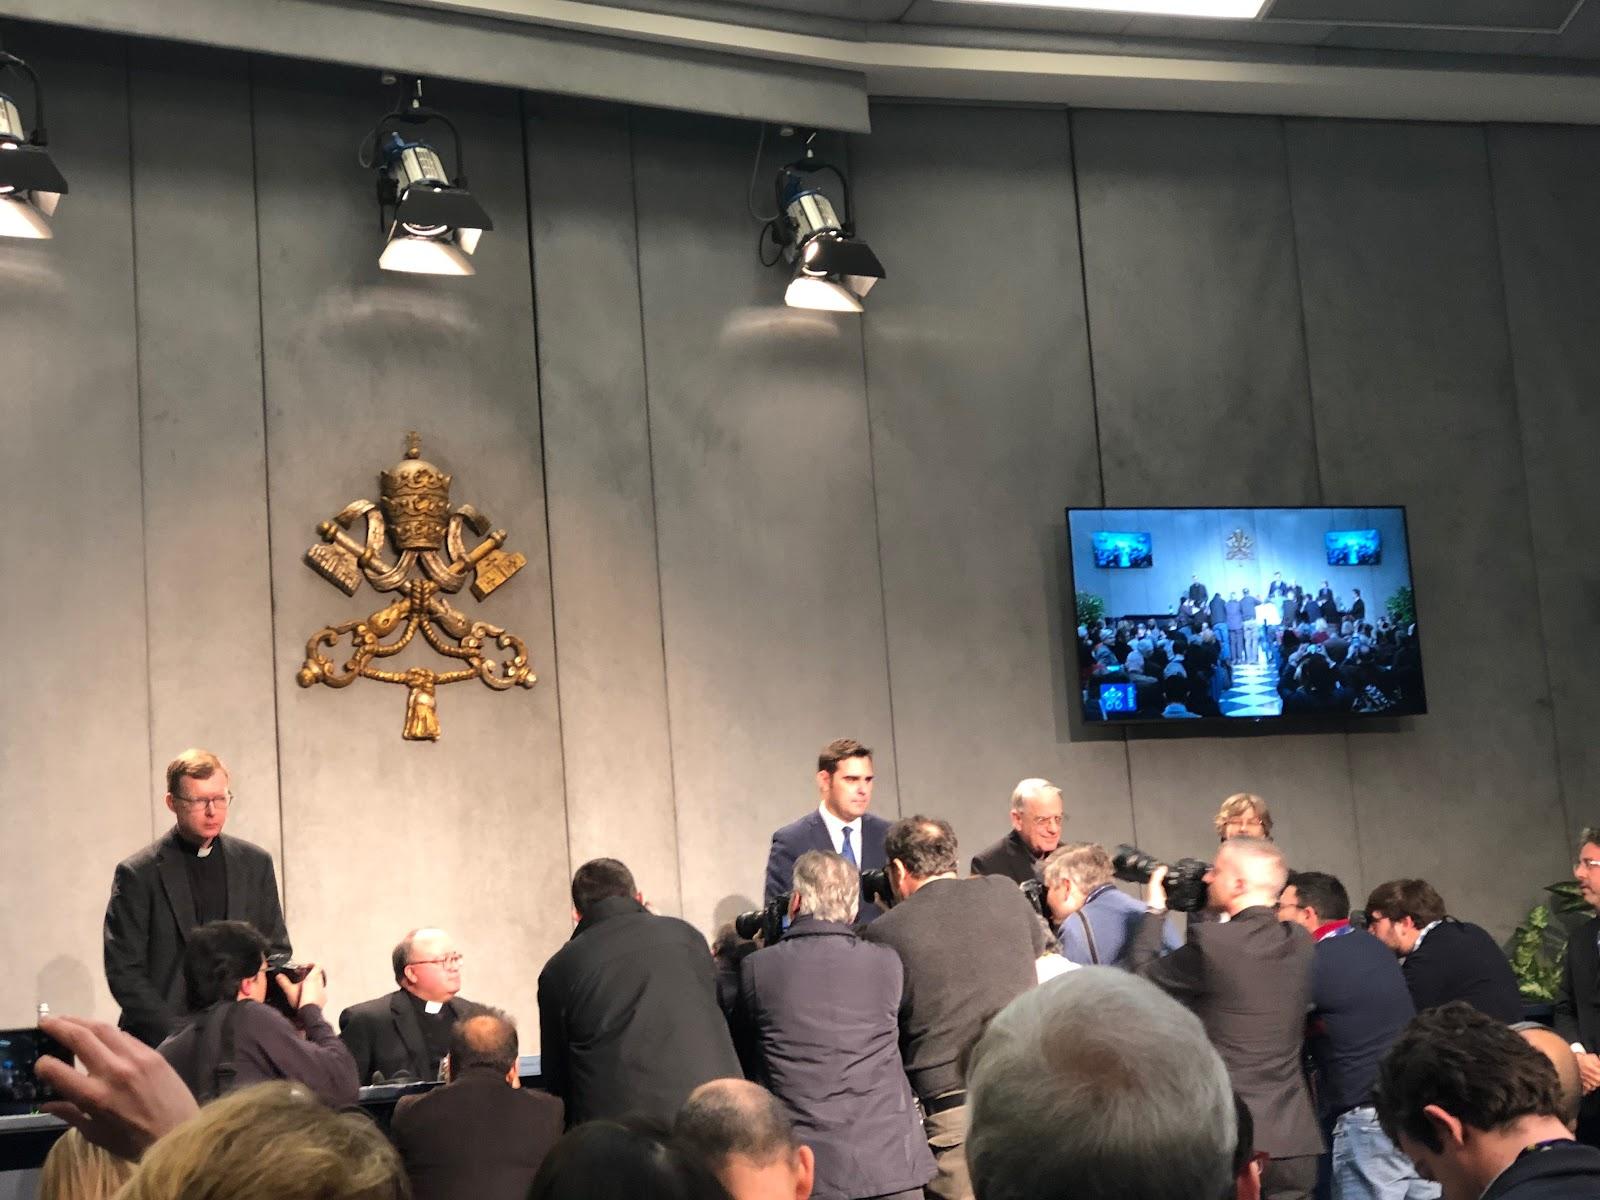 CHUYÊN MỤC: 'Tôi sẽ không bao giờ bỏ cuộc,' Đức Tổng Giám mục Scicluna nói tại buổi giới thiệu Hội nghị Thượng đỉnh của Vatican về việc Bảo vệ Trẻ Vị thành niên